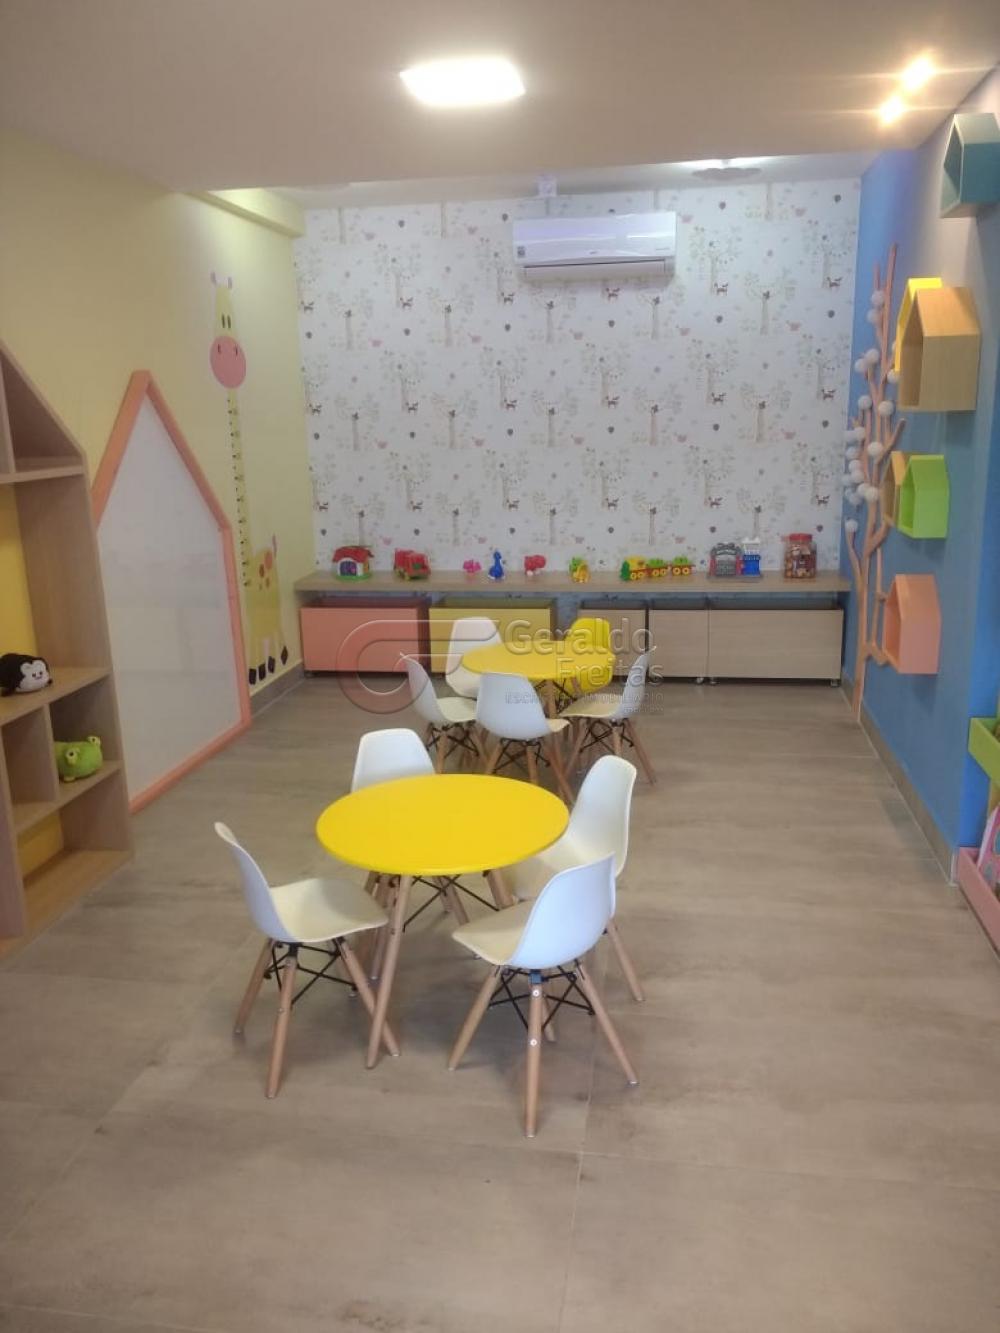 Comprar Apartamentos / Padrão em Maceió apenas R$ 770.000,00 - Foto 4